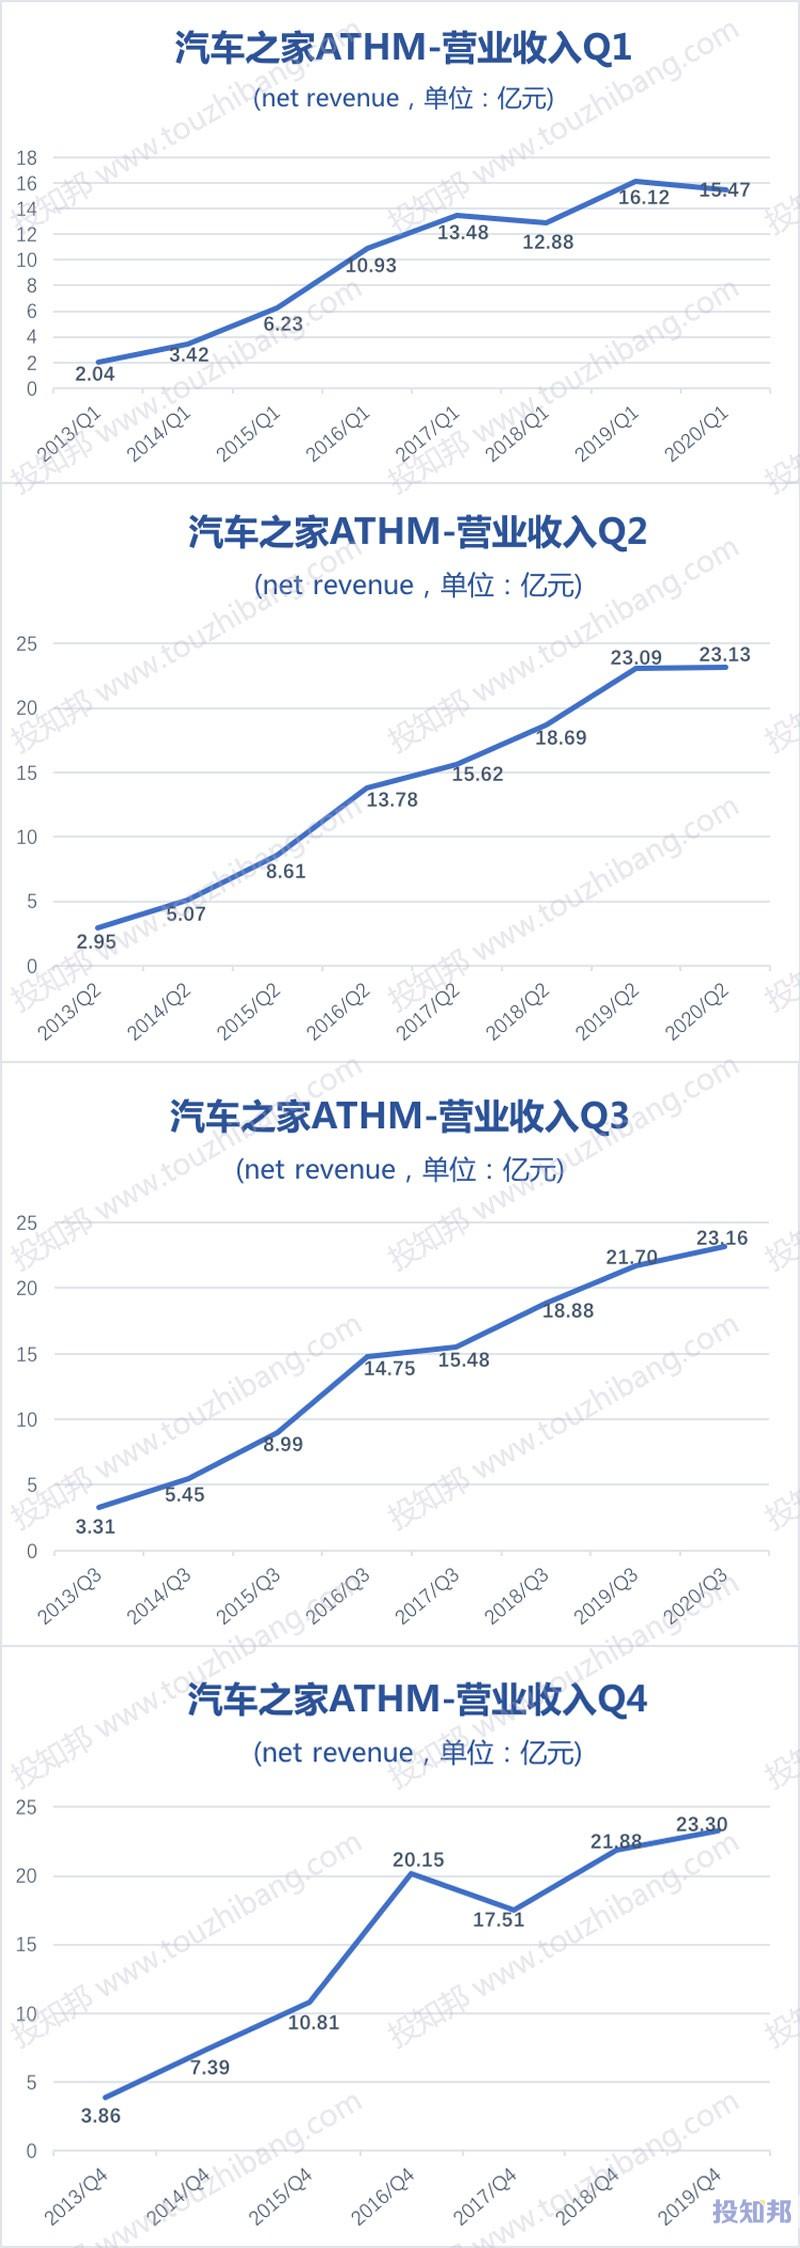 汽车之家(ATHM)财报数据图示(2013年~2020年Q3,更新)